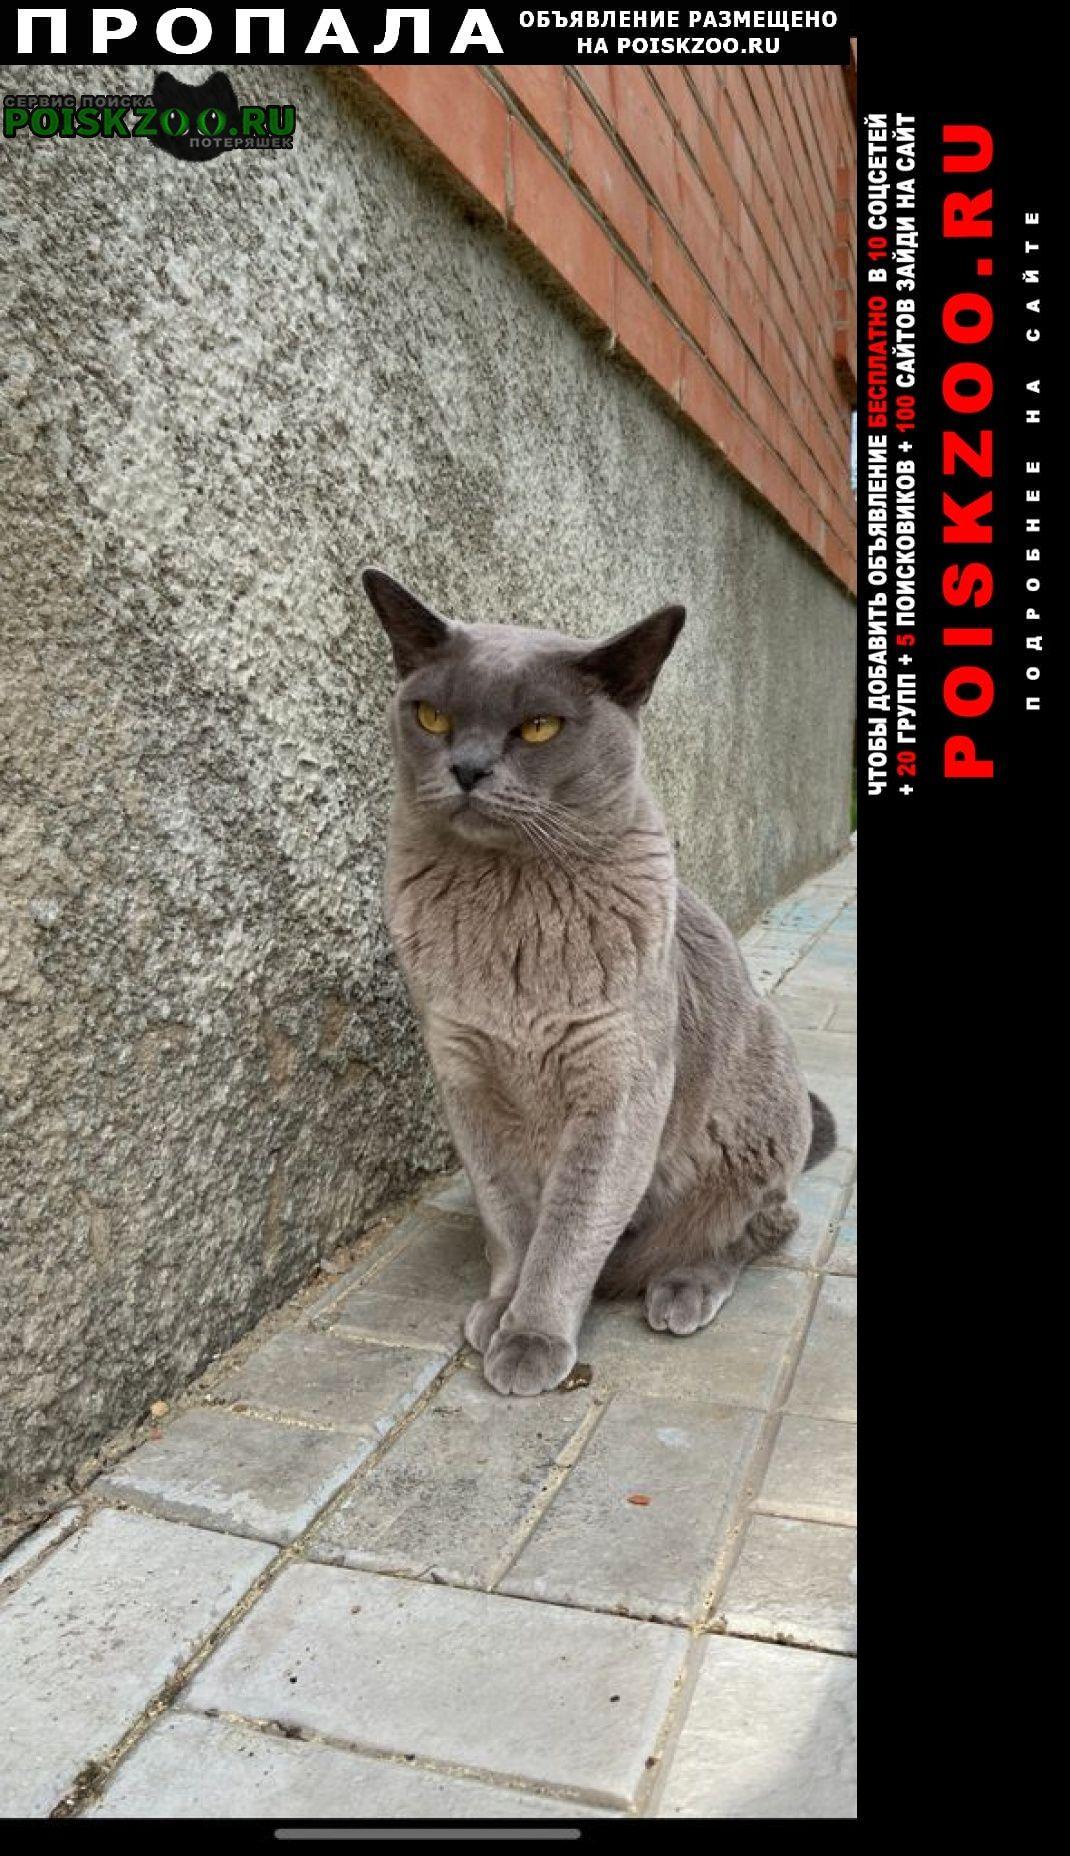 Пропал кот порода бурма ( ) Нахабино